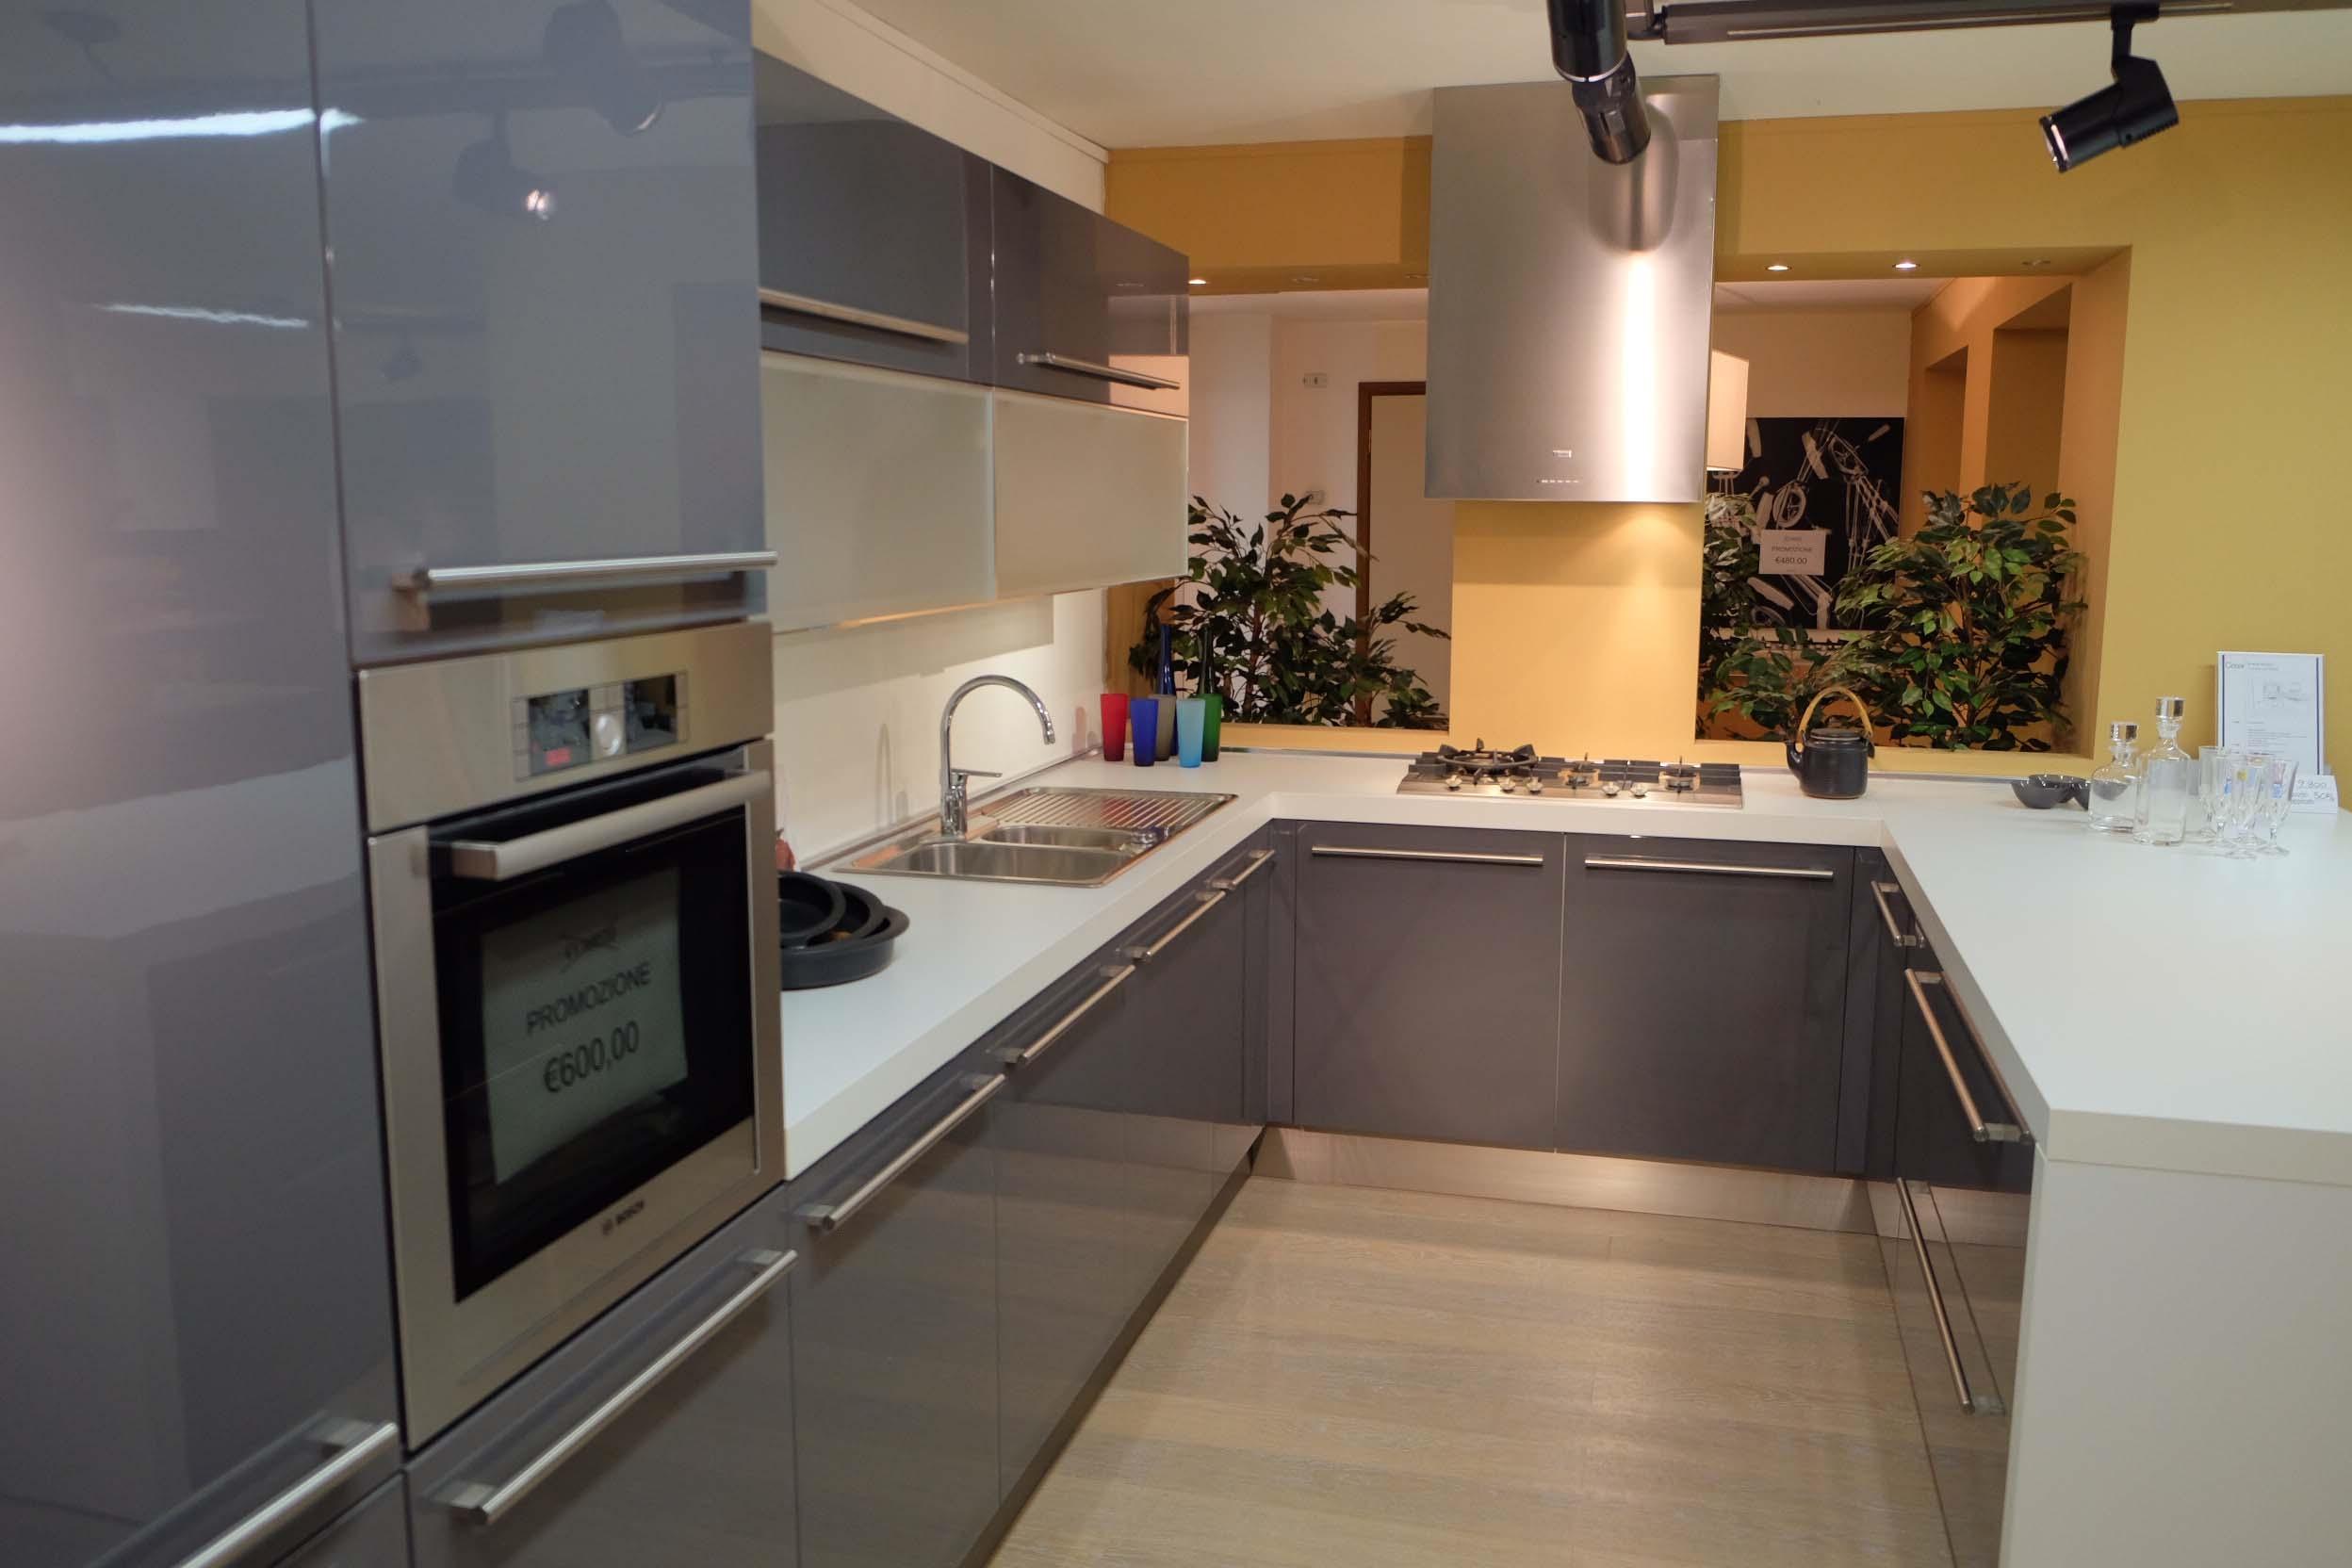 Cesar cucine cucina lucrezia laccato lucido scontata del - Prezzi cucine cesar ...